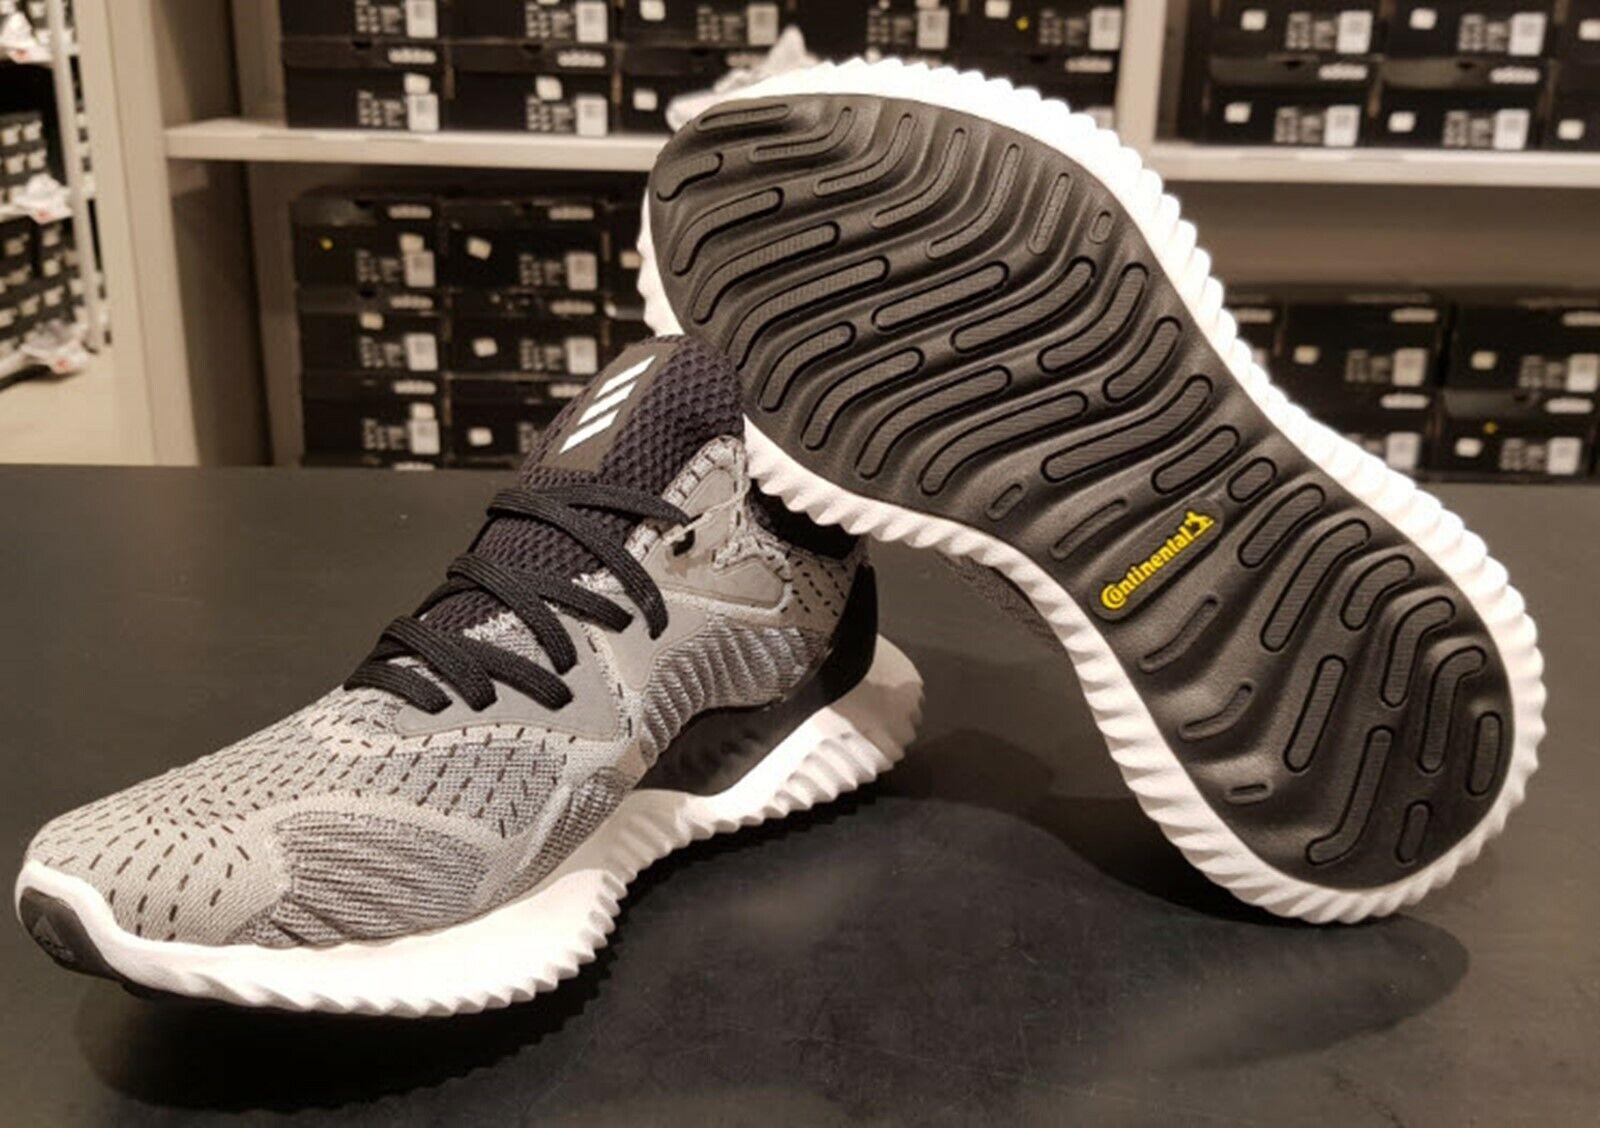 Adidas Mujeres Alfa-Zapatos tenis de correr gris de rebote más allá Informal Zapato DB8118